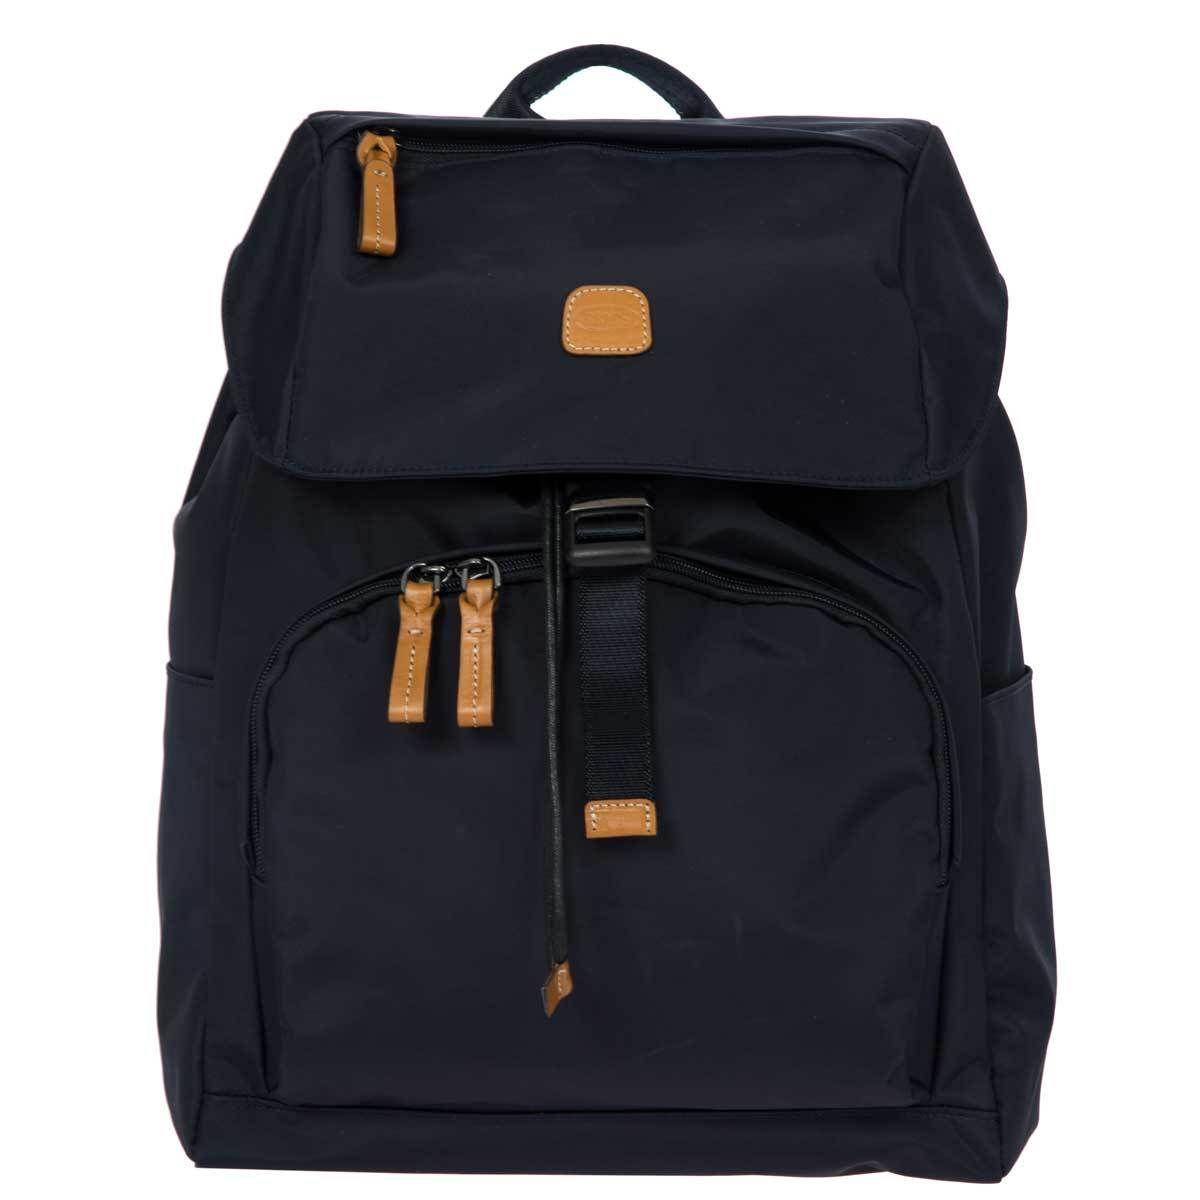 621d5becafe27d X-Bag  X-Travel Excursion Backpack in 2019